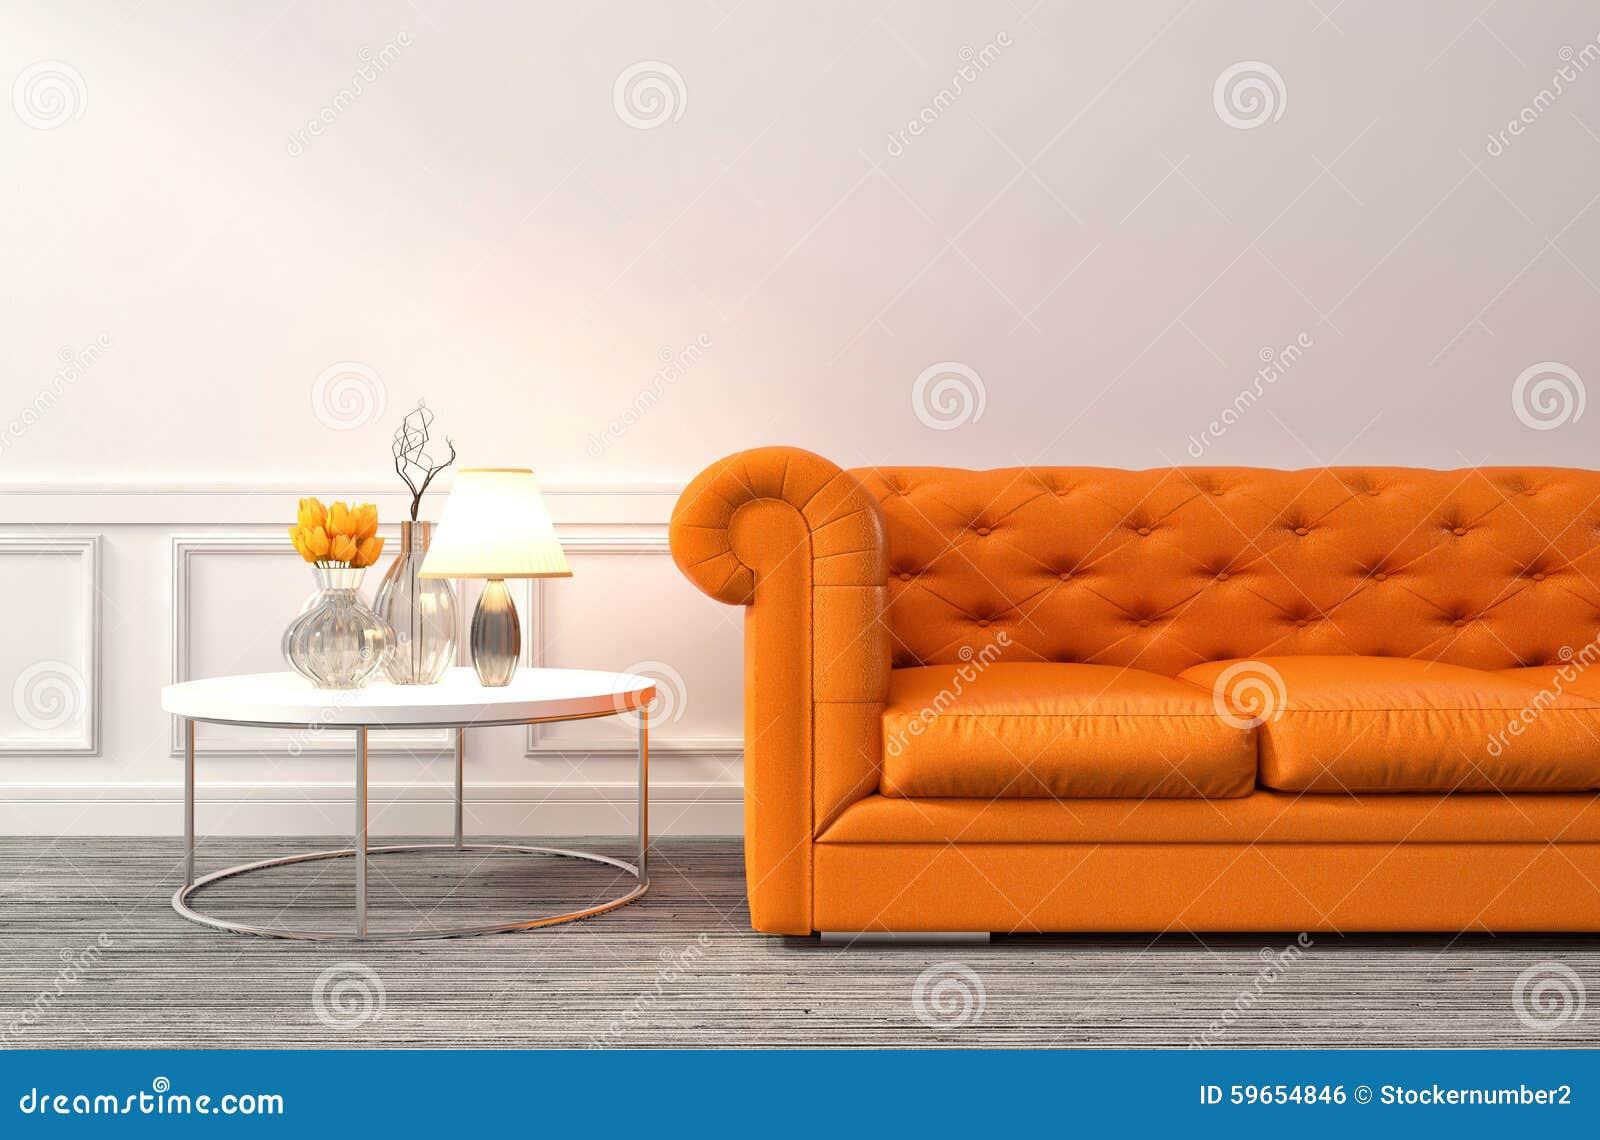 Binnenland met oranje bank 3d illustratie stock illustratie ...